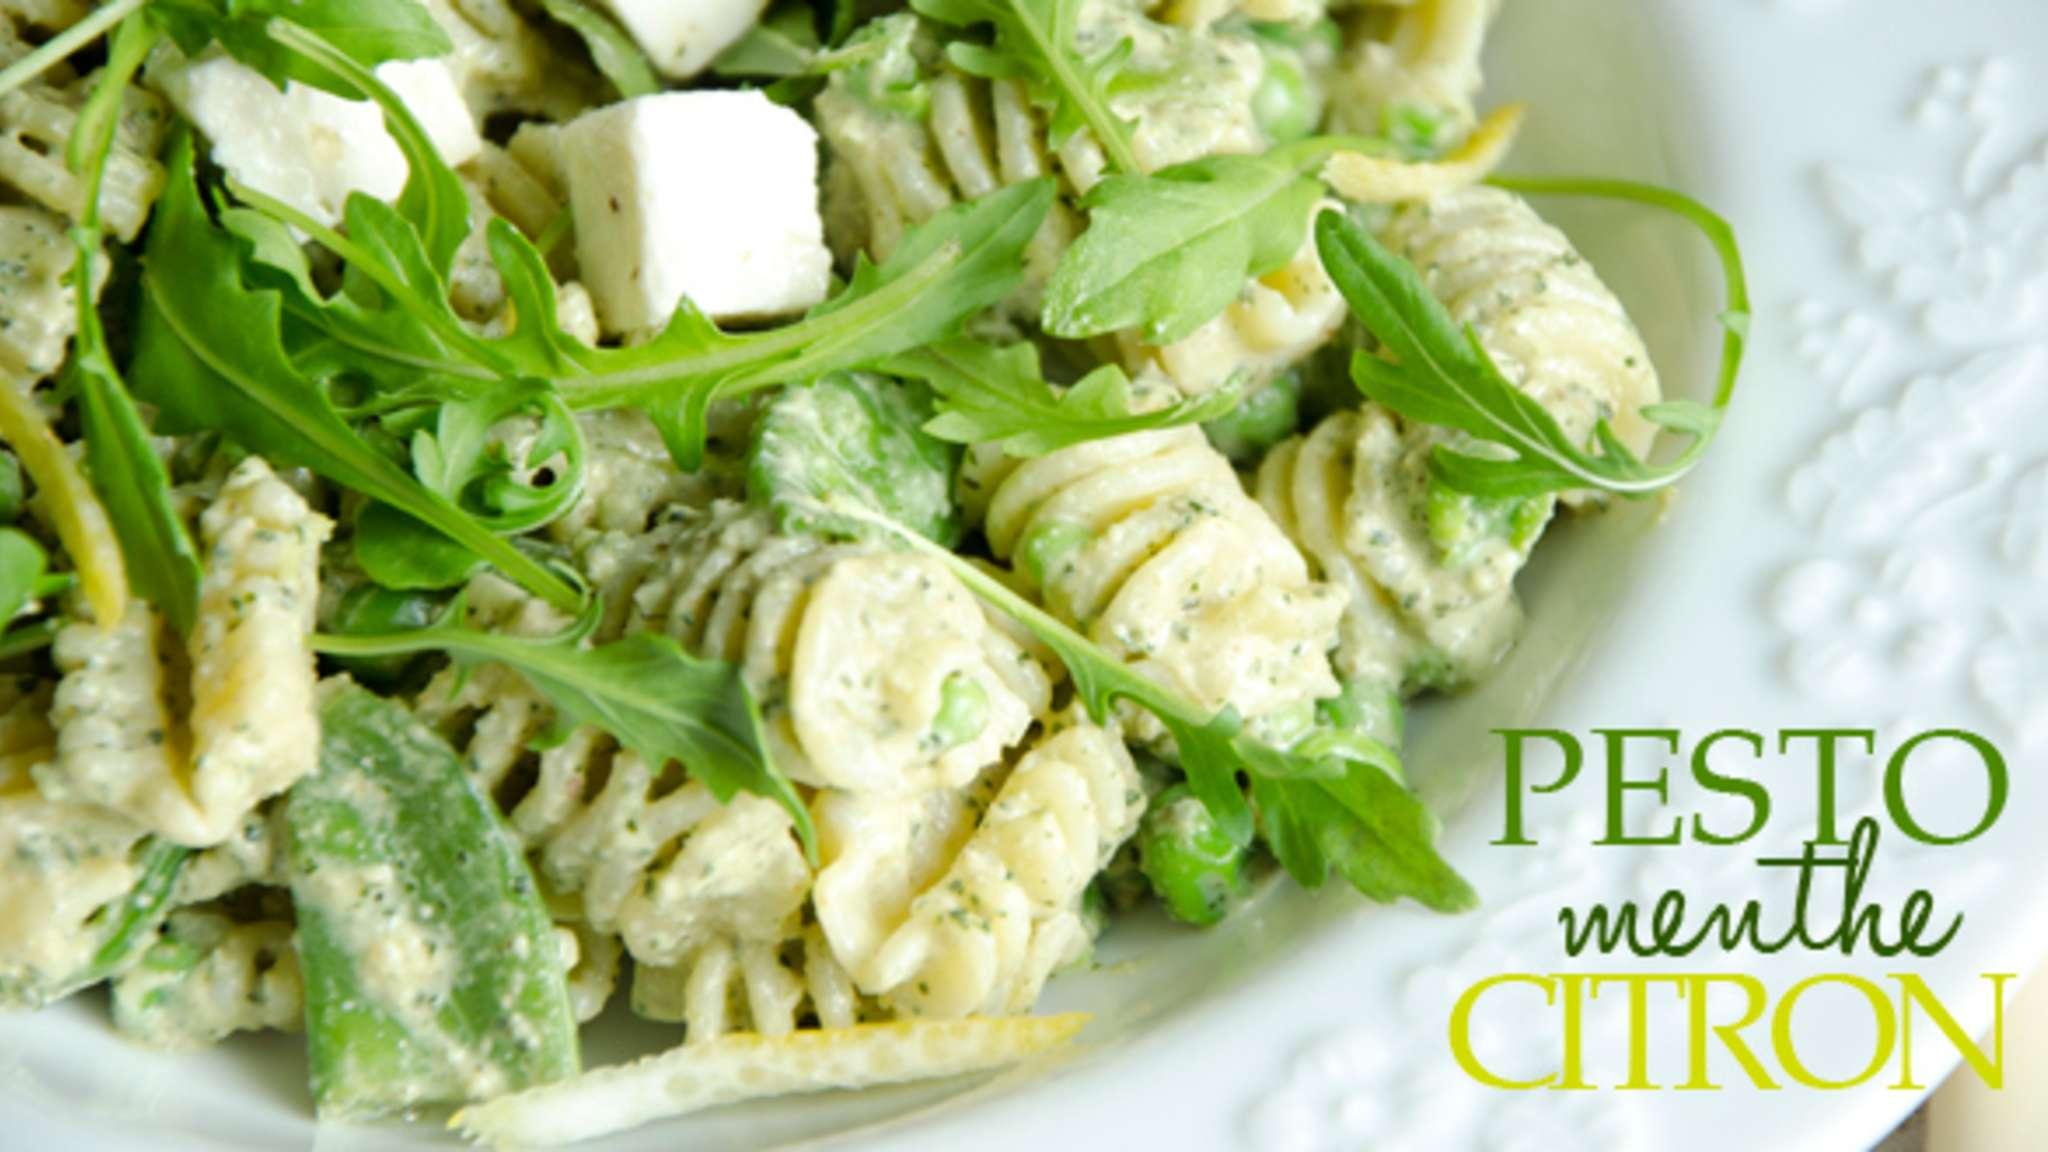 Salade de pâtes pesto menthe citron